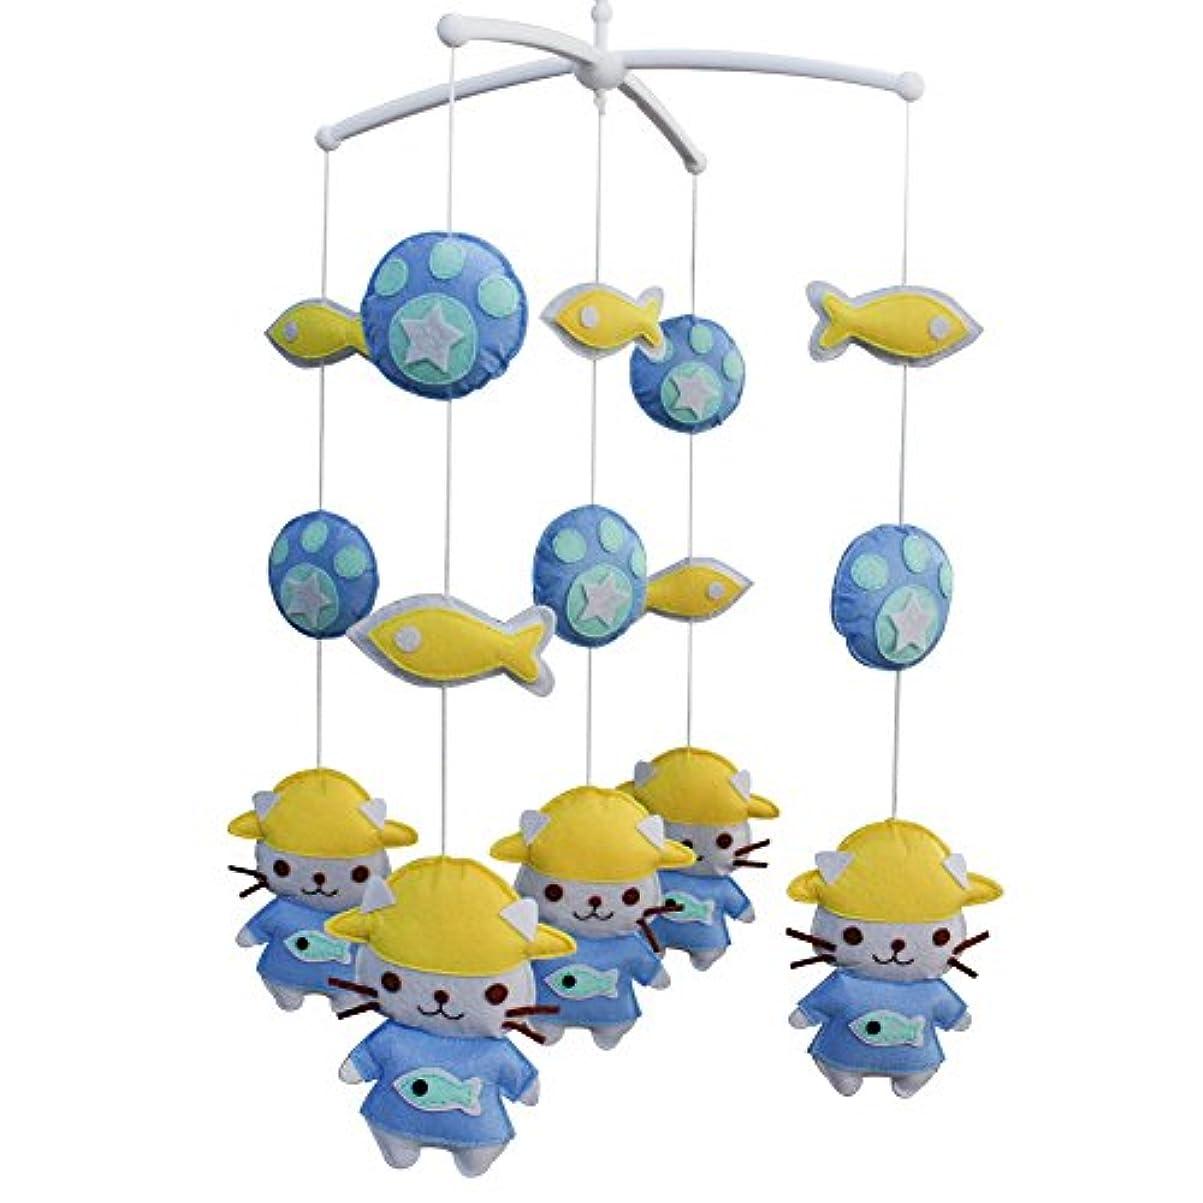 謎めいた小康丈夫黄色い魚と青い猫手作りベビーベッドモバイル動物保育園の装飾ミュージカルベビーベッドモバイルボーイズガールズベビーシャワーギフト